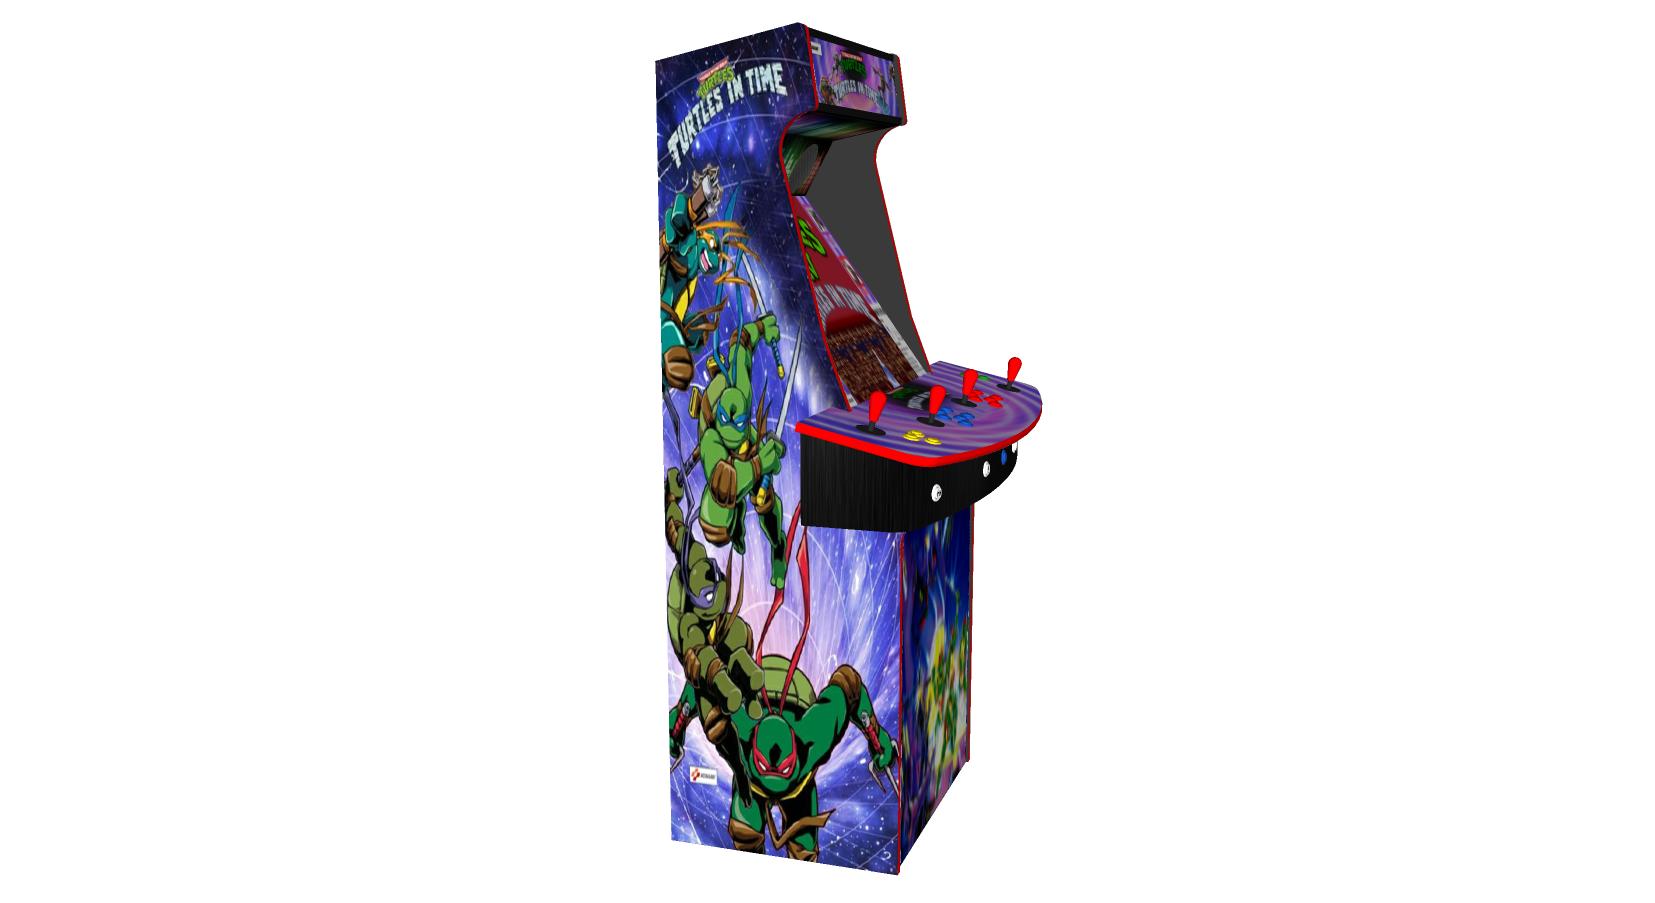 Teenage Mutant Ninja Turtles In Time TMNT - Upright Arcade 4 Player - Left